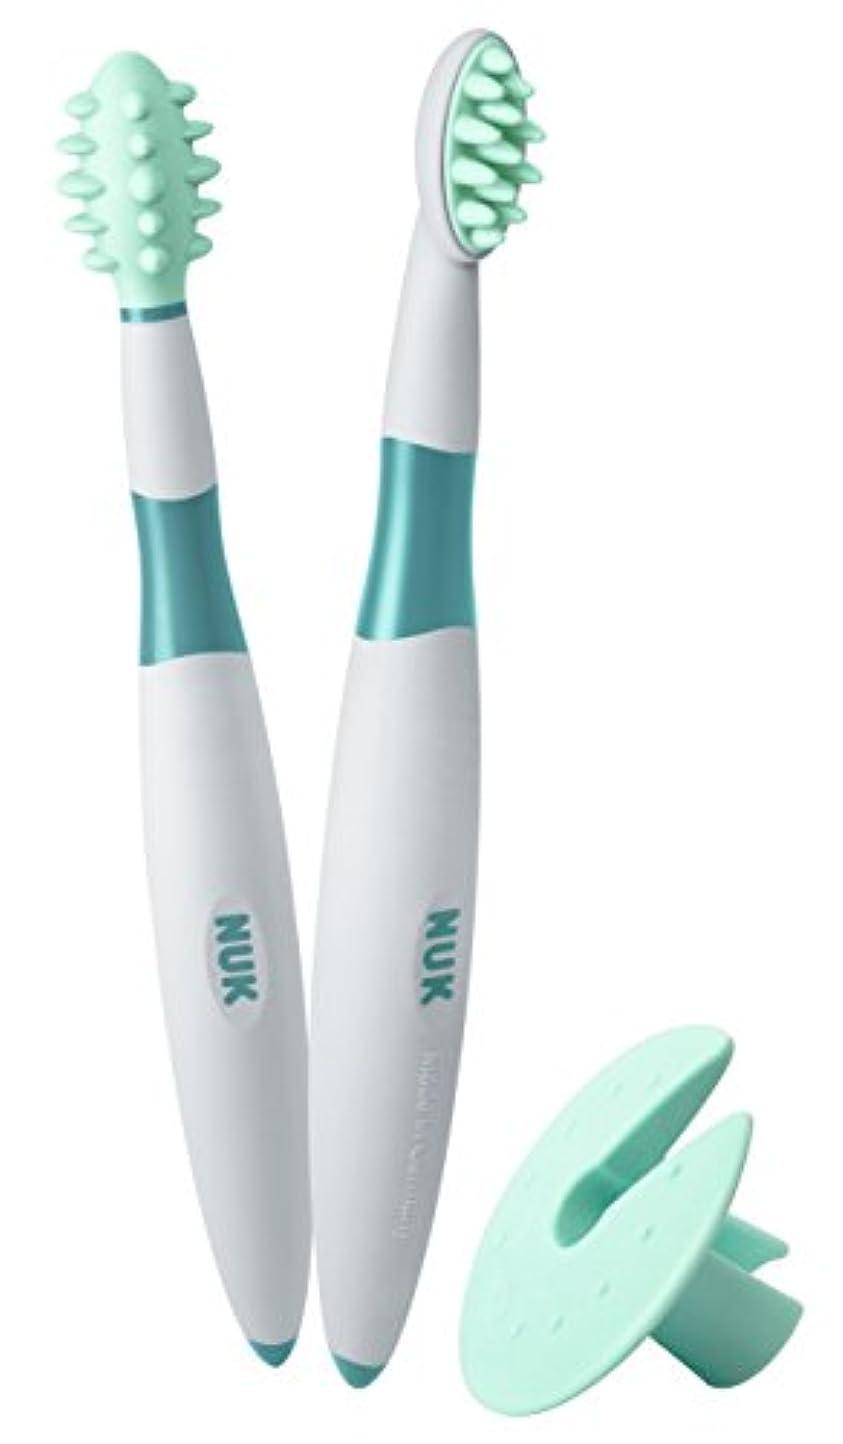 叱る島同盟NUK ベビー歯ブラシ 2ピース トレーニングセット BPAフリー マッサージブラシ クリーニングブラシ 保護リング付 (10256205)並行輸入品